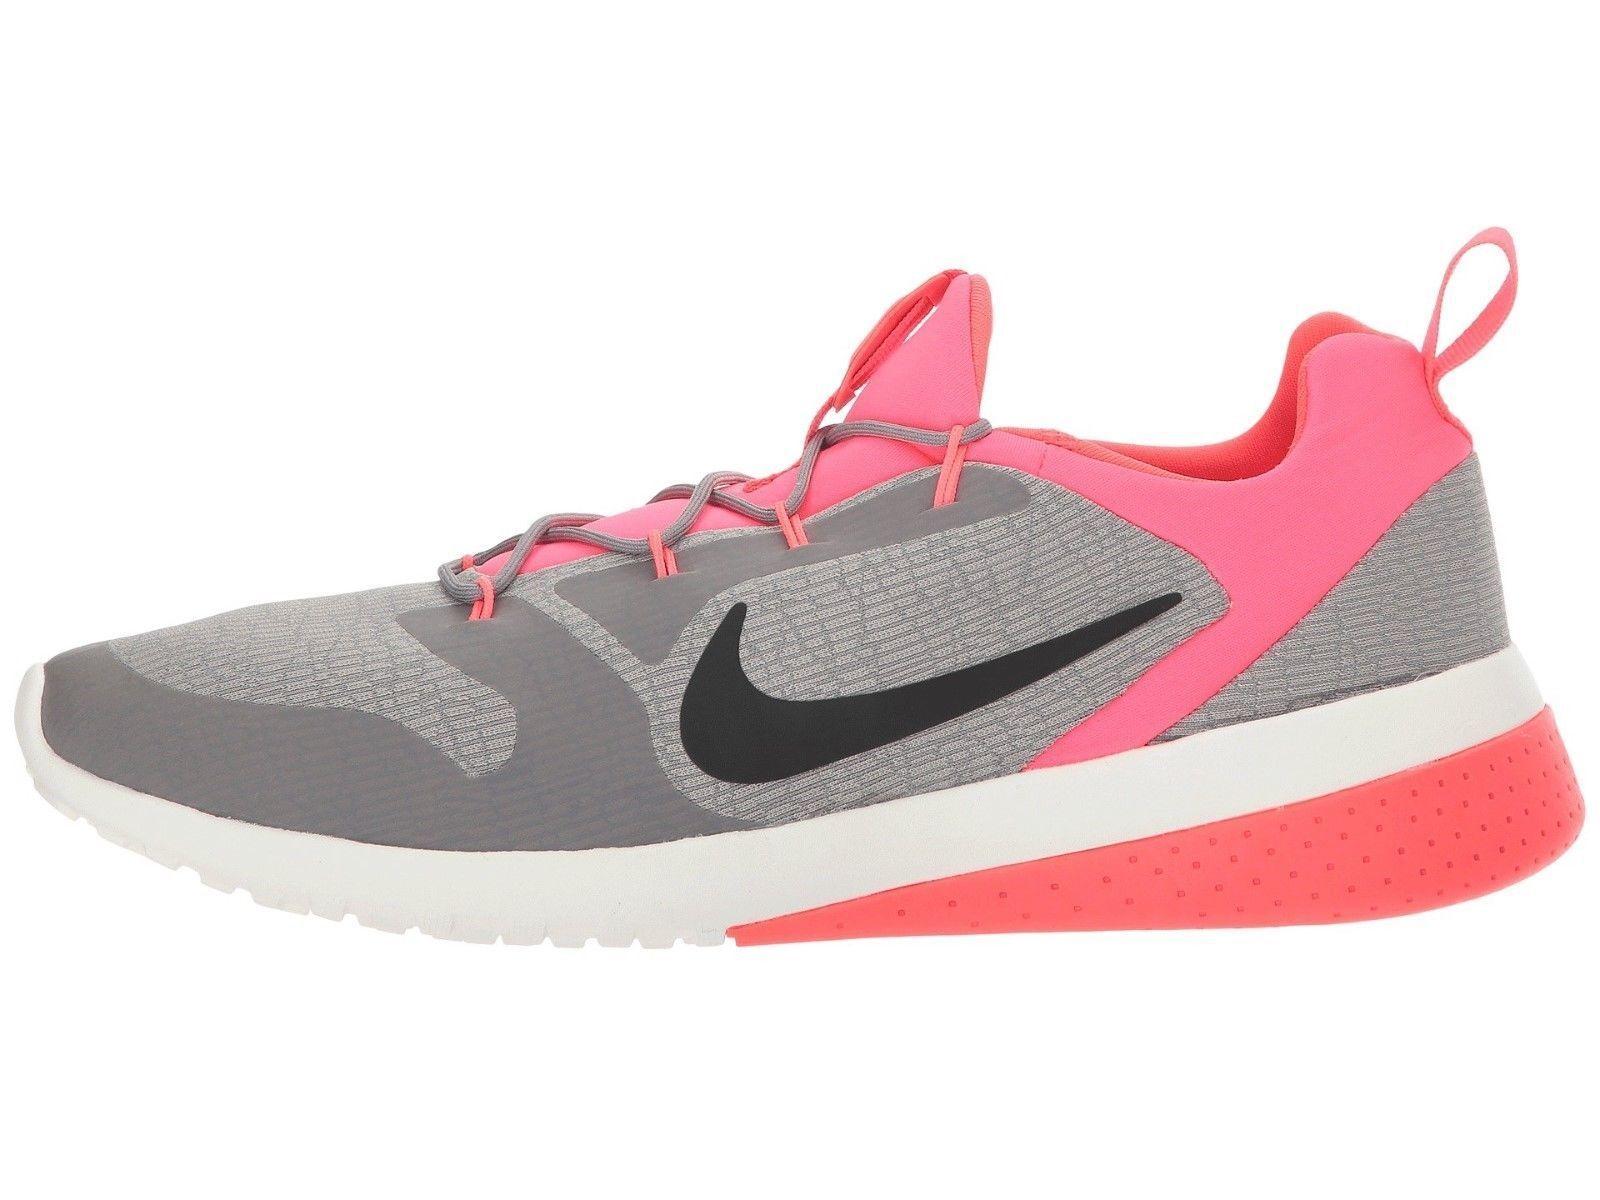 Nueva marca de hombres Nike CK Racer zapatos hombres de cómodos 916780 002 gris rosa 3f2c88